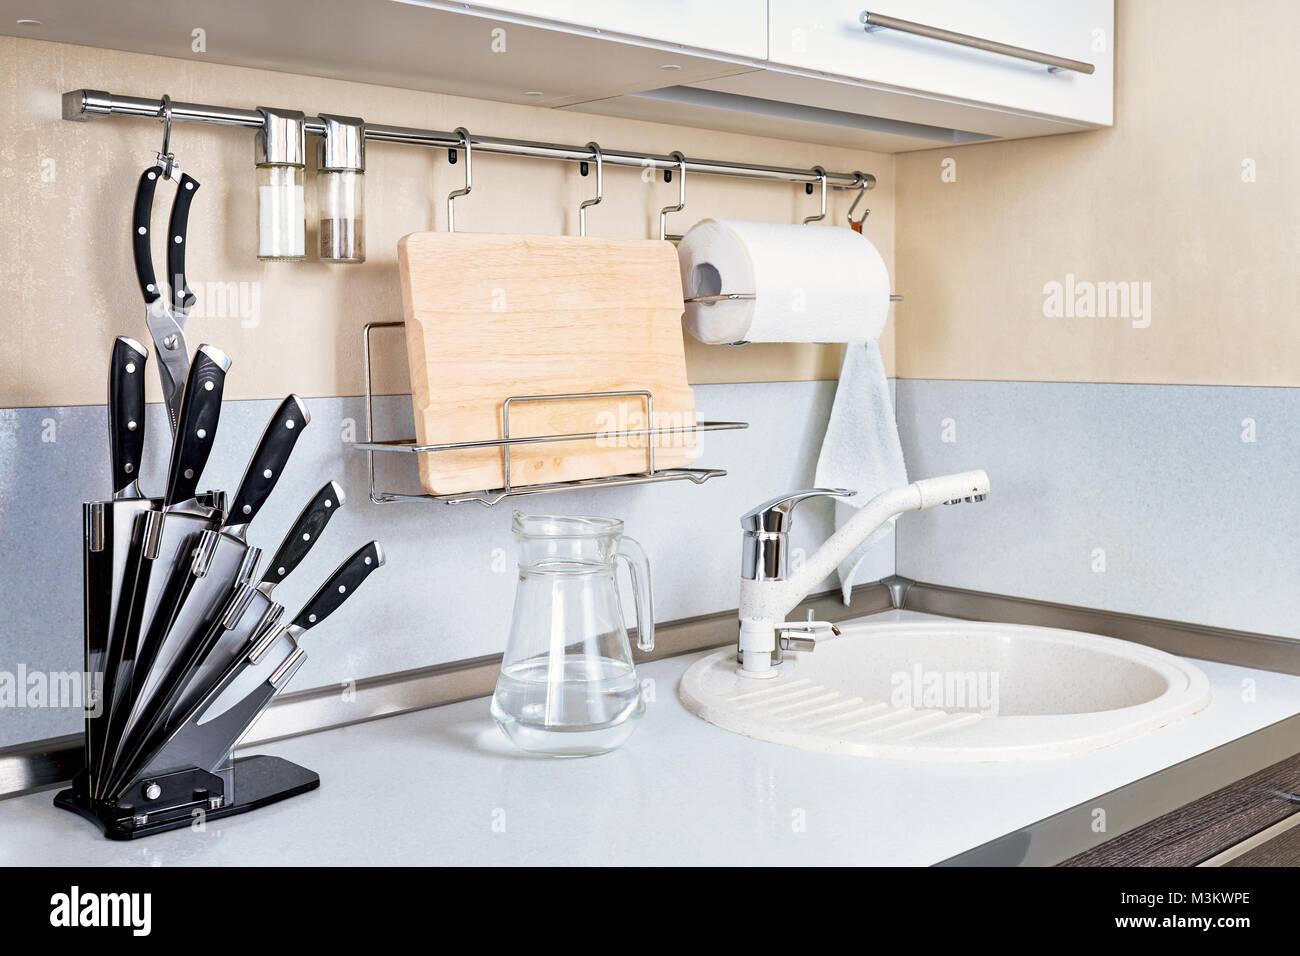 Küche Interieur mit Wasserhahn und Waschbecken und anderen Geräten ...